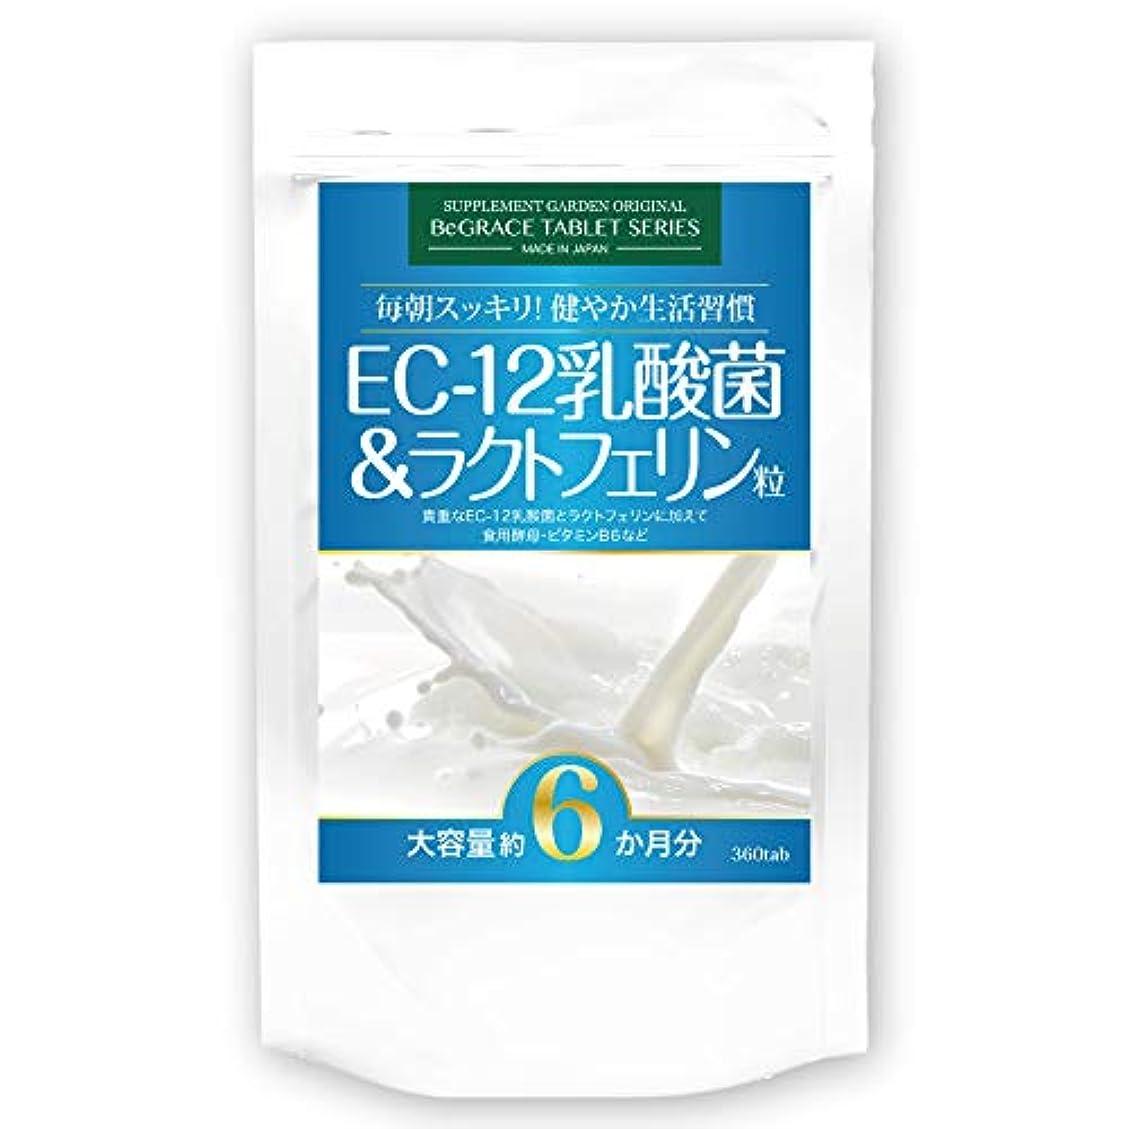 醸造所醸造所トラフィックEC-12乳酸菌&ラクトフェリン粒 大容量約6ヶ月分/360粒(EC-12乳酸菌、ラクトフェリン、ビール酵母、ホエイプロテイン、ビタミンB6)